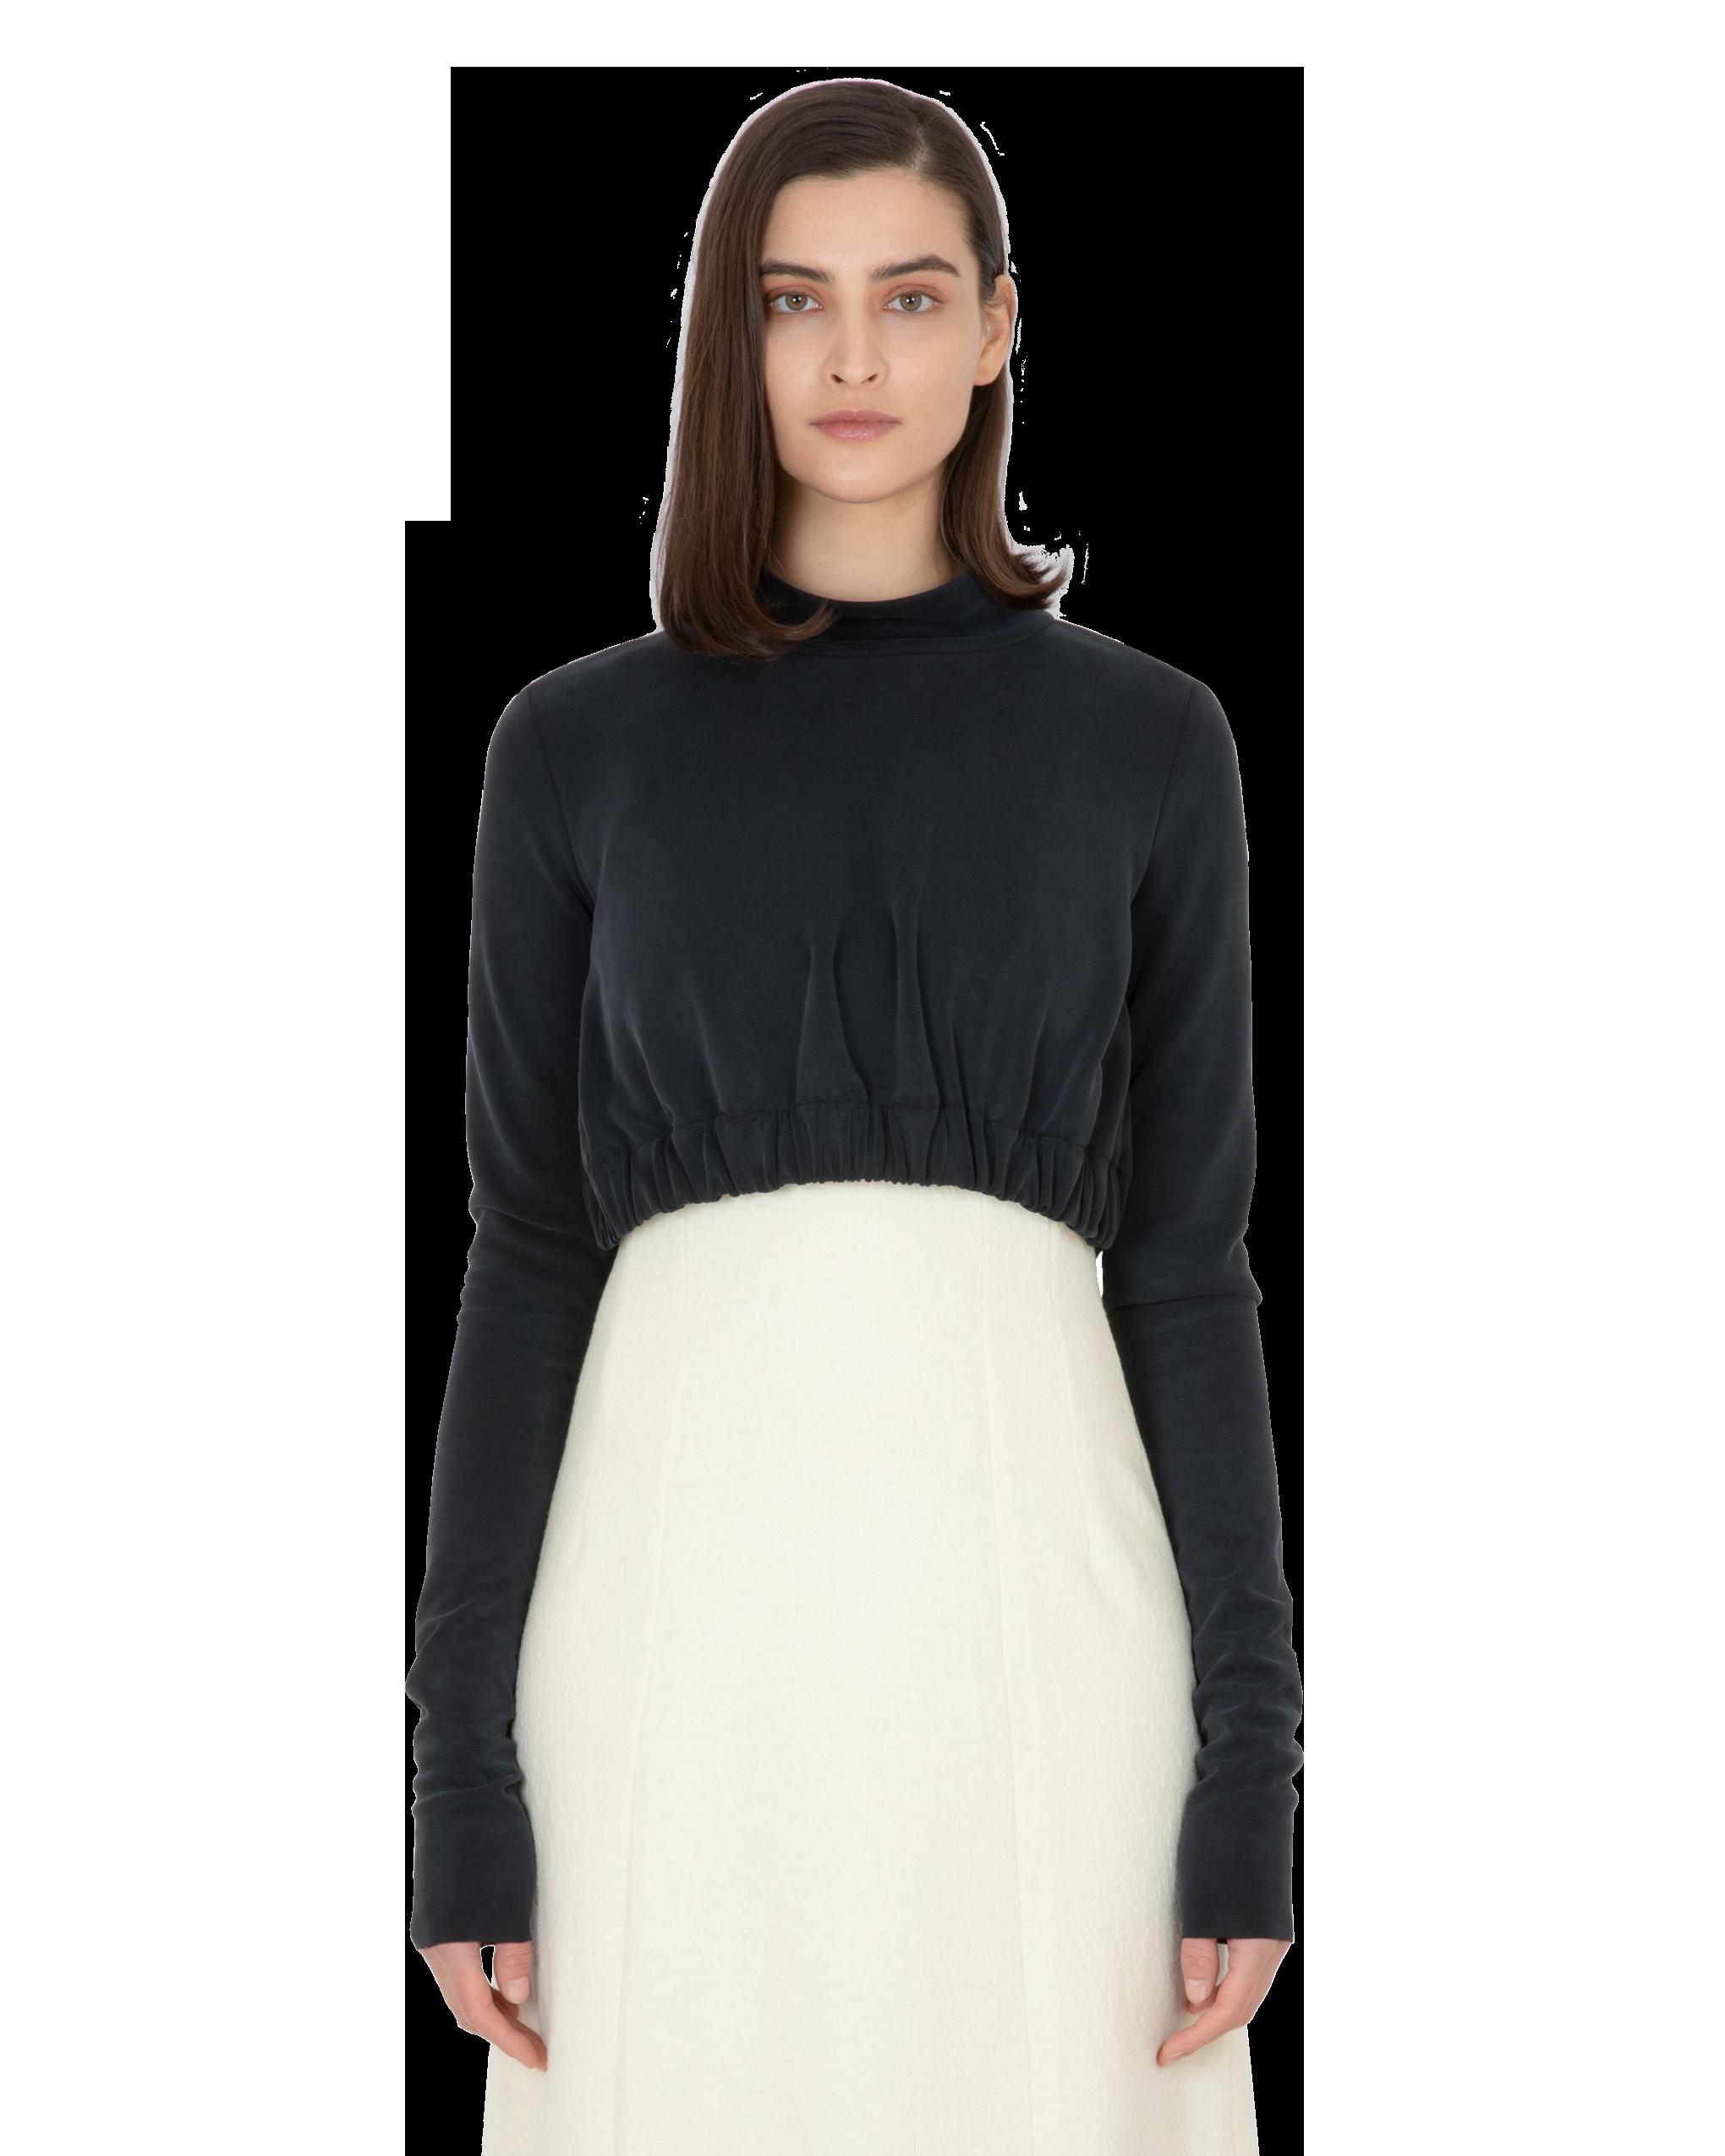 Model wearing EMIN + PAUL black cropped jersey jumper.